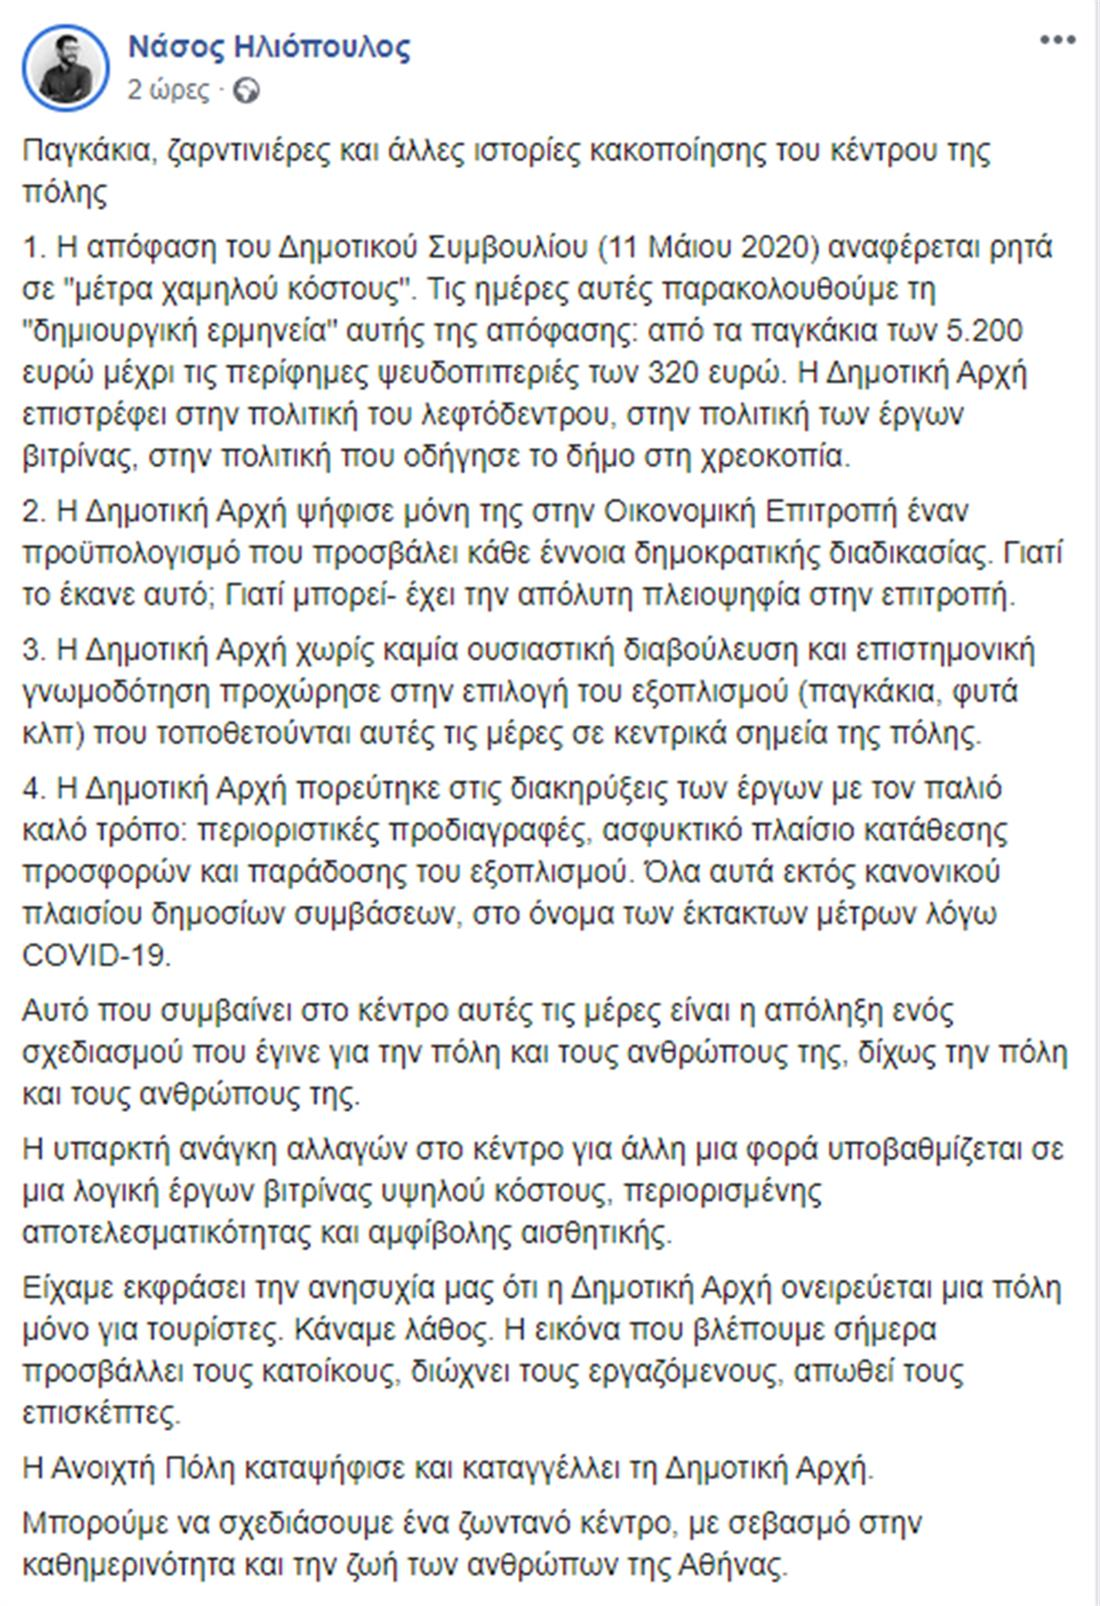 Νάσος Ηλιόπουλος - facebook